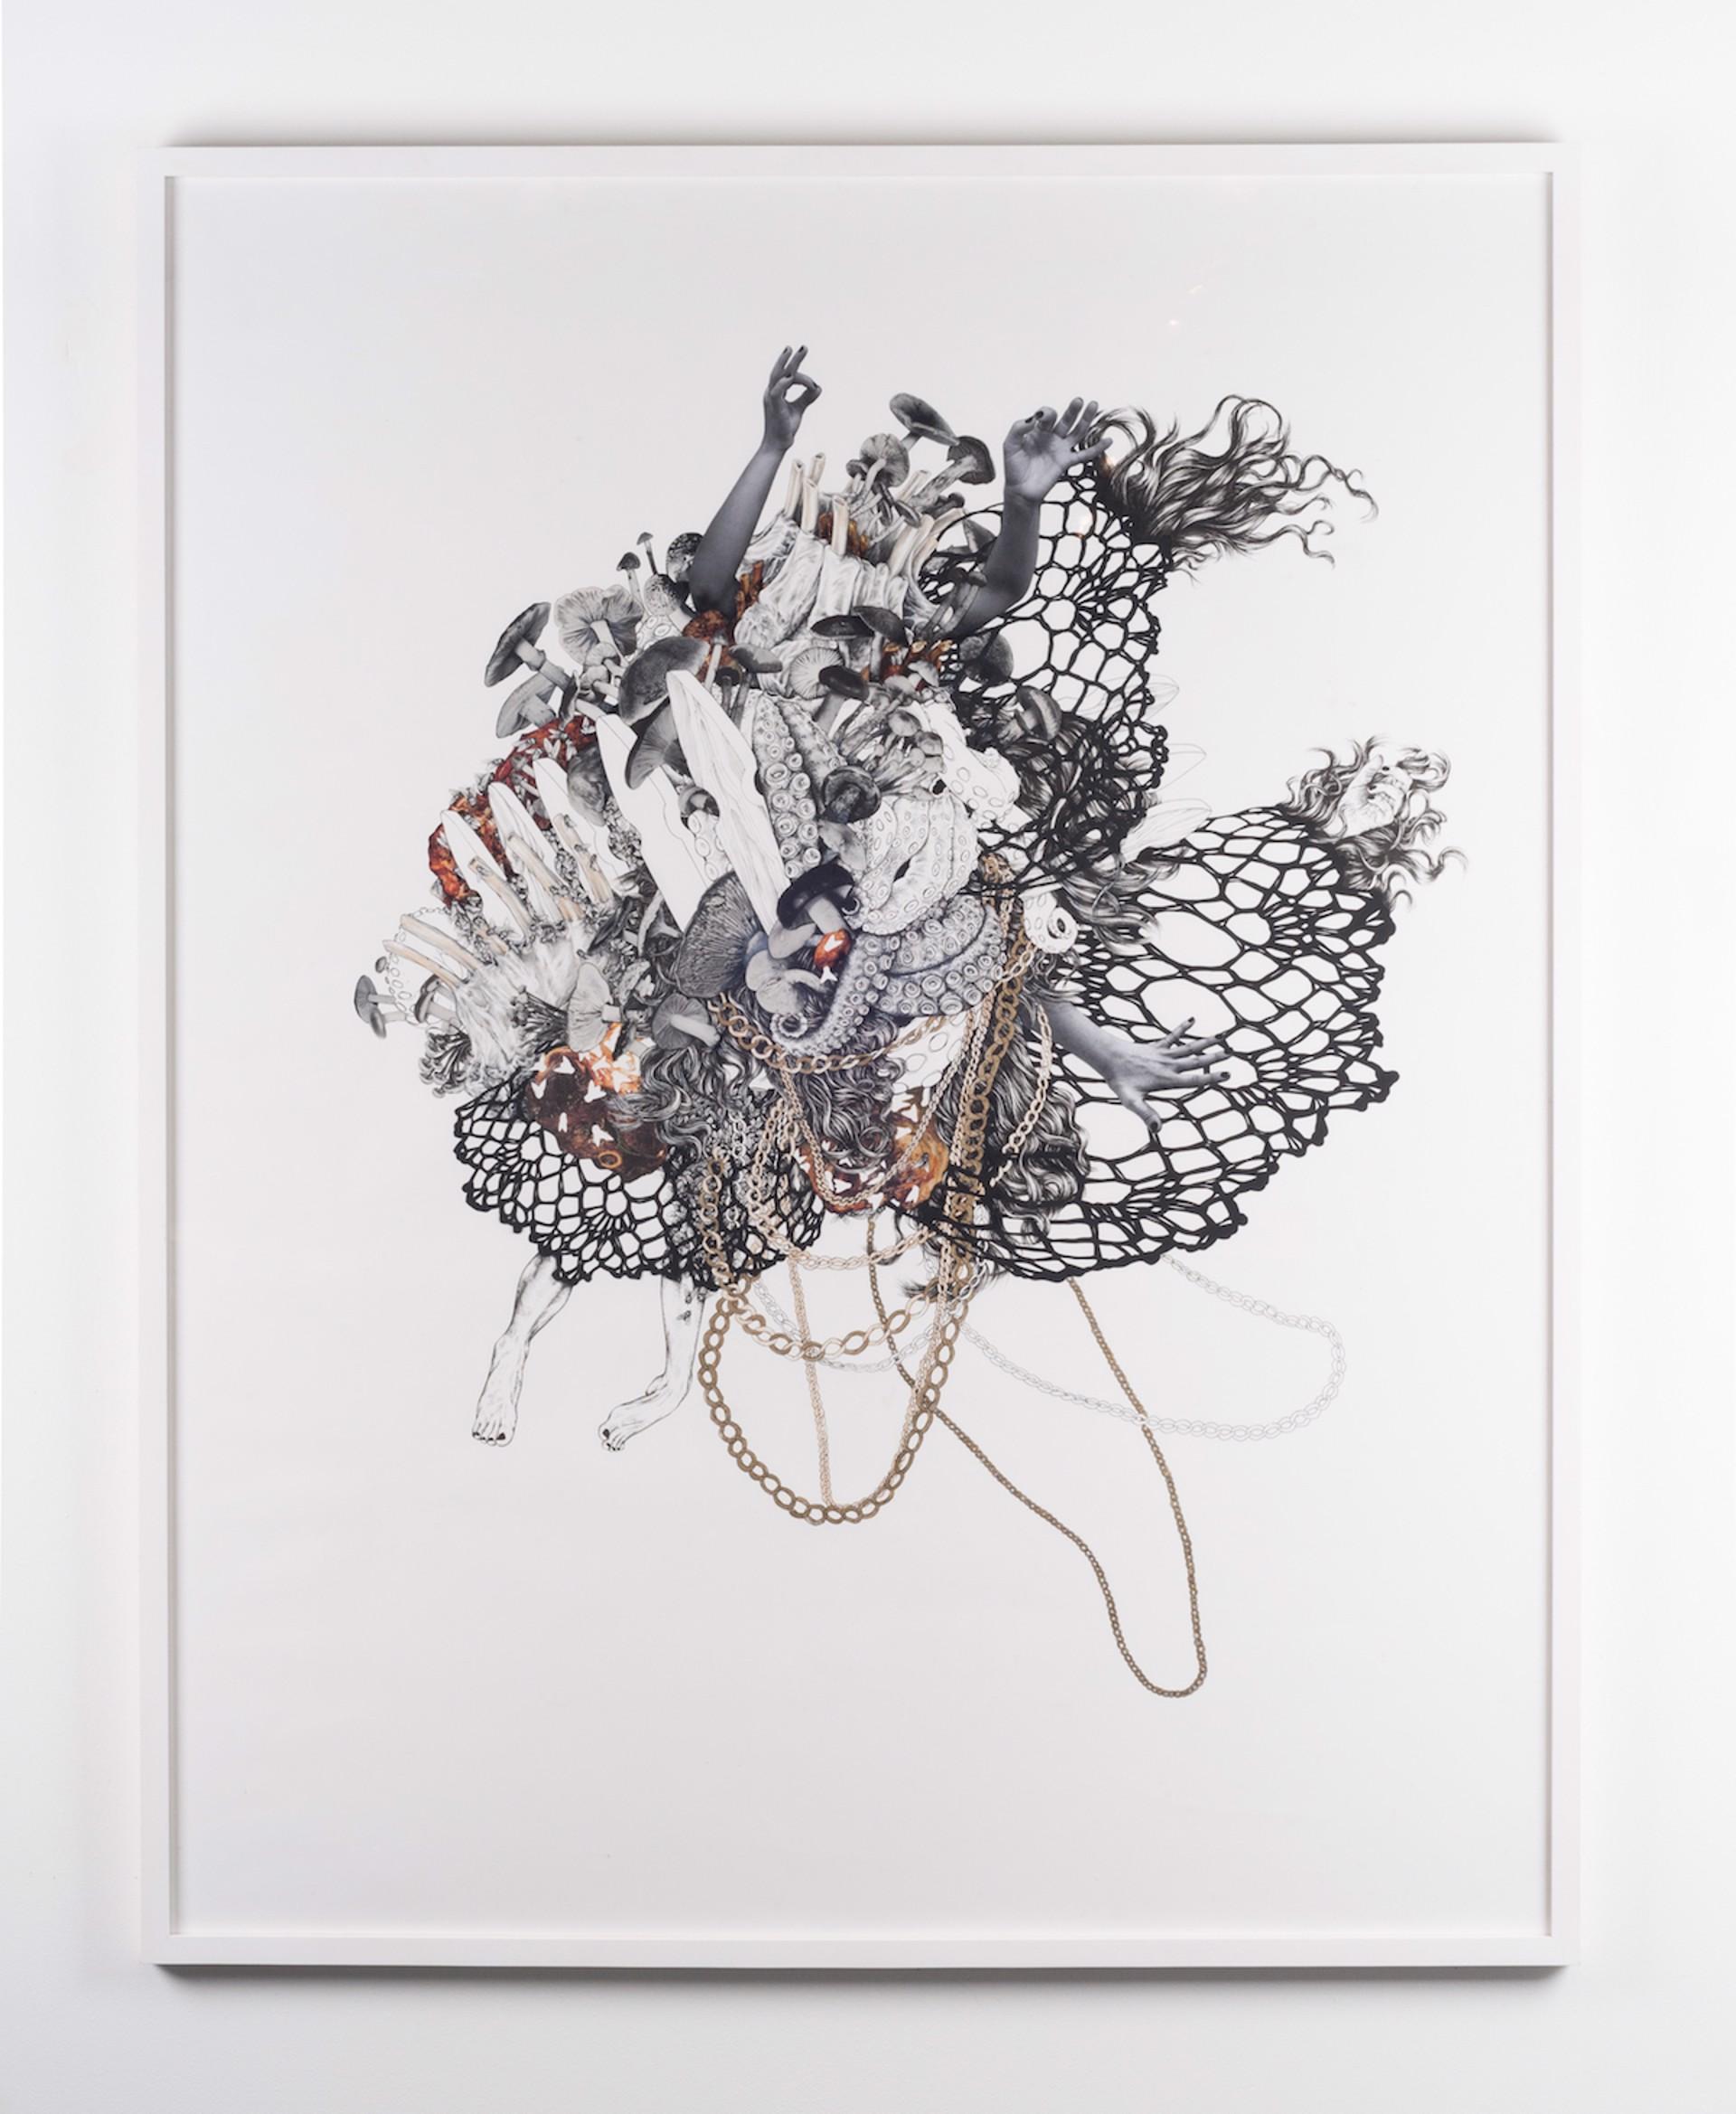 Untitled (9 chainz) by Morgan Rosskopf